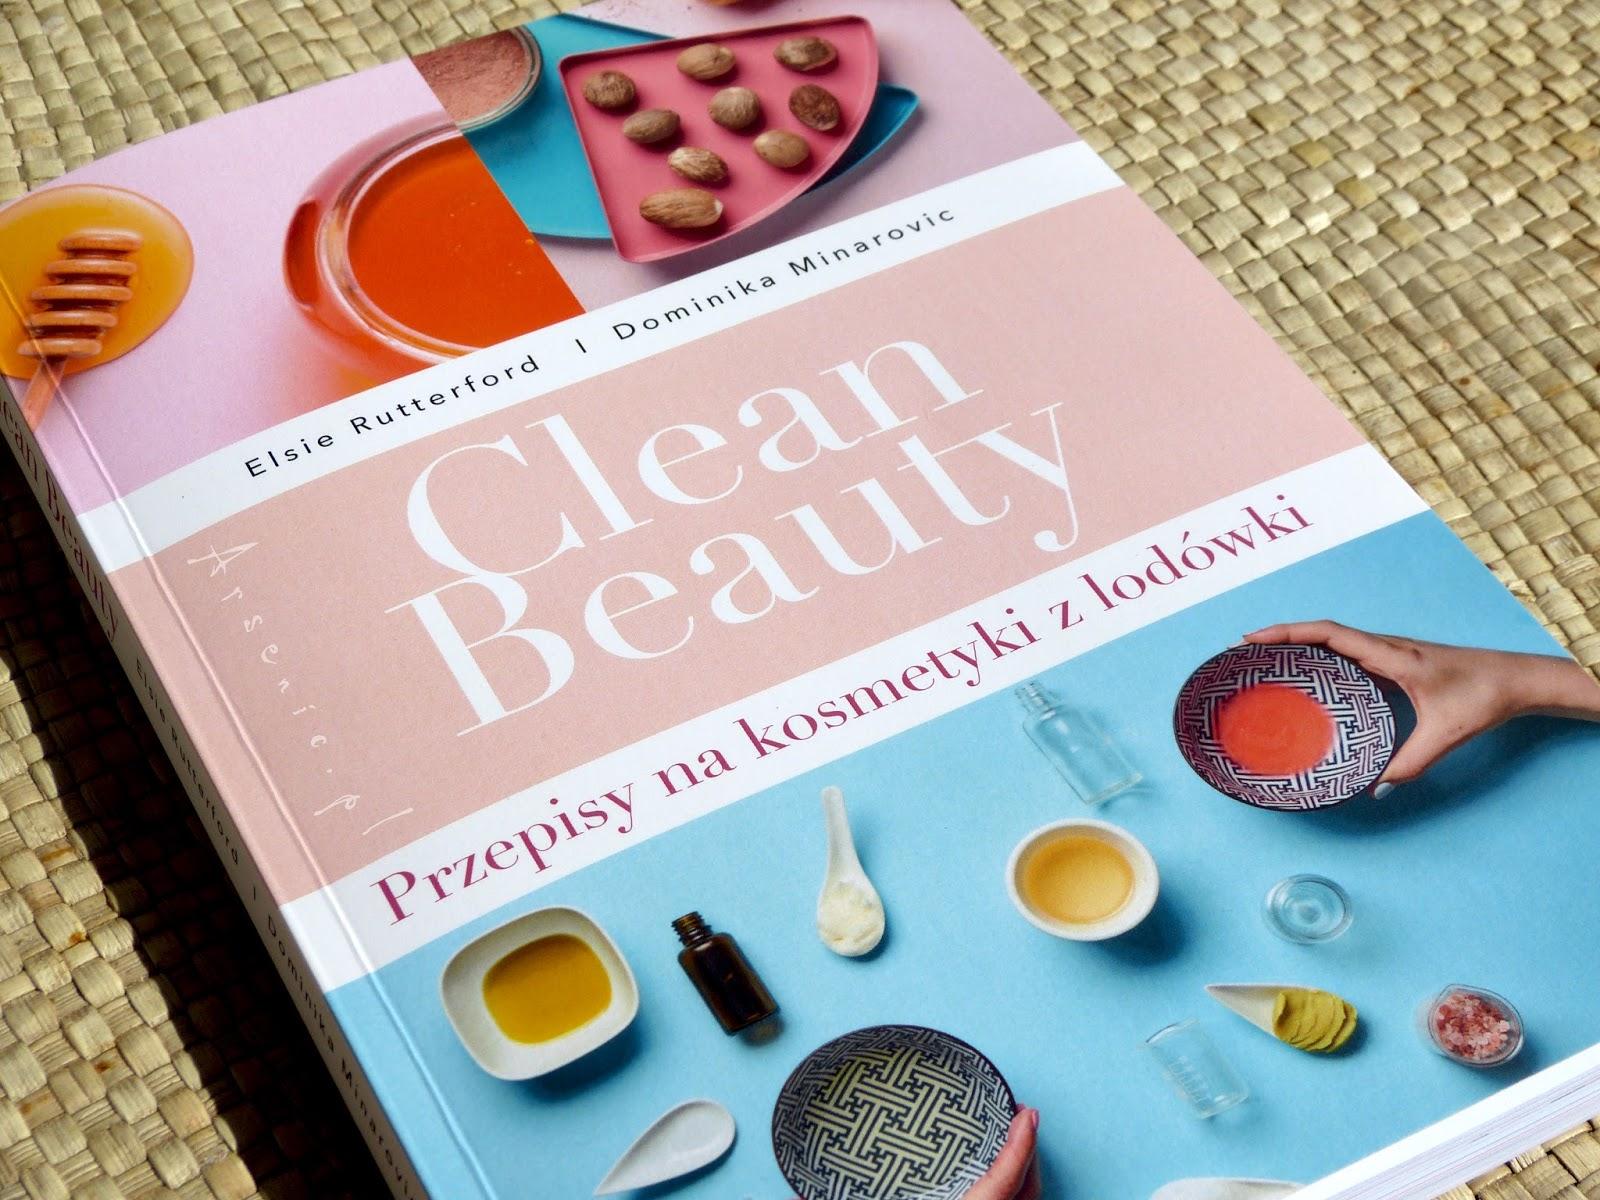 Clean Beauty - przepisy na kosmetyki z lodówki. Książka, dzięki której doceniłam nasze rodzime twórczynie kosmetyków domowych.